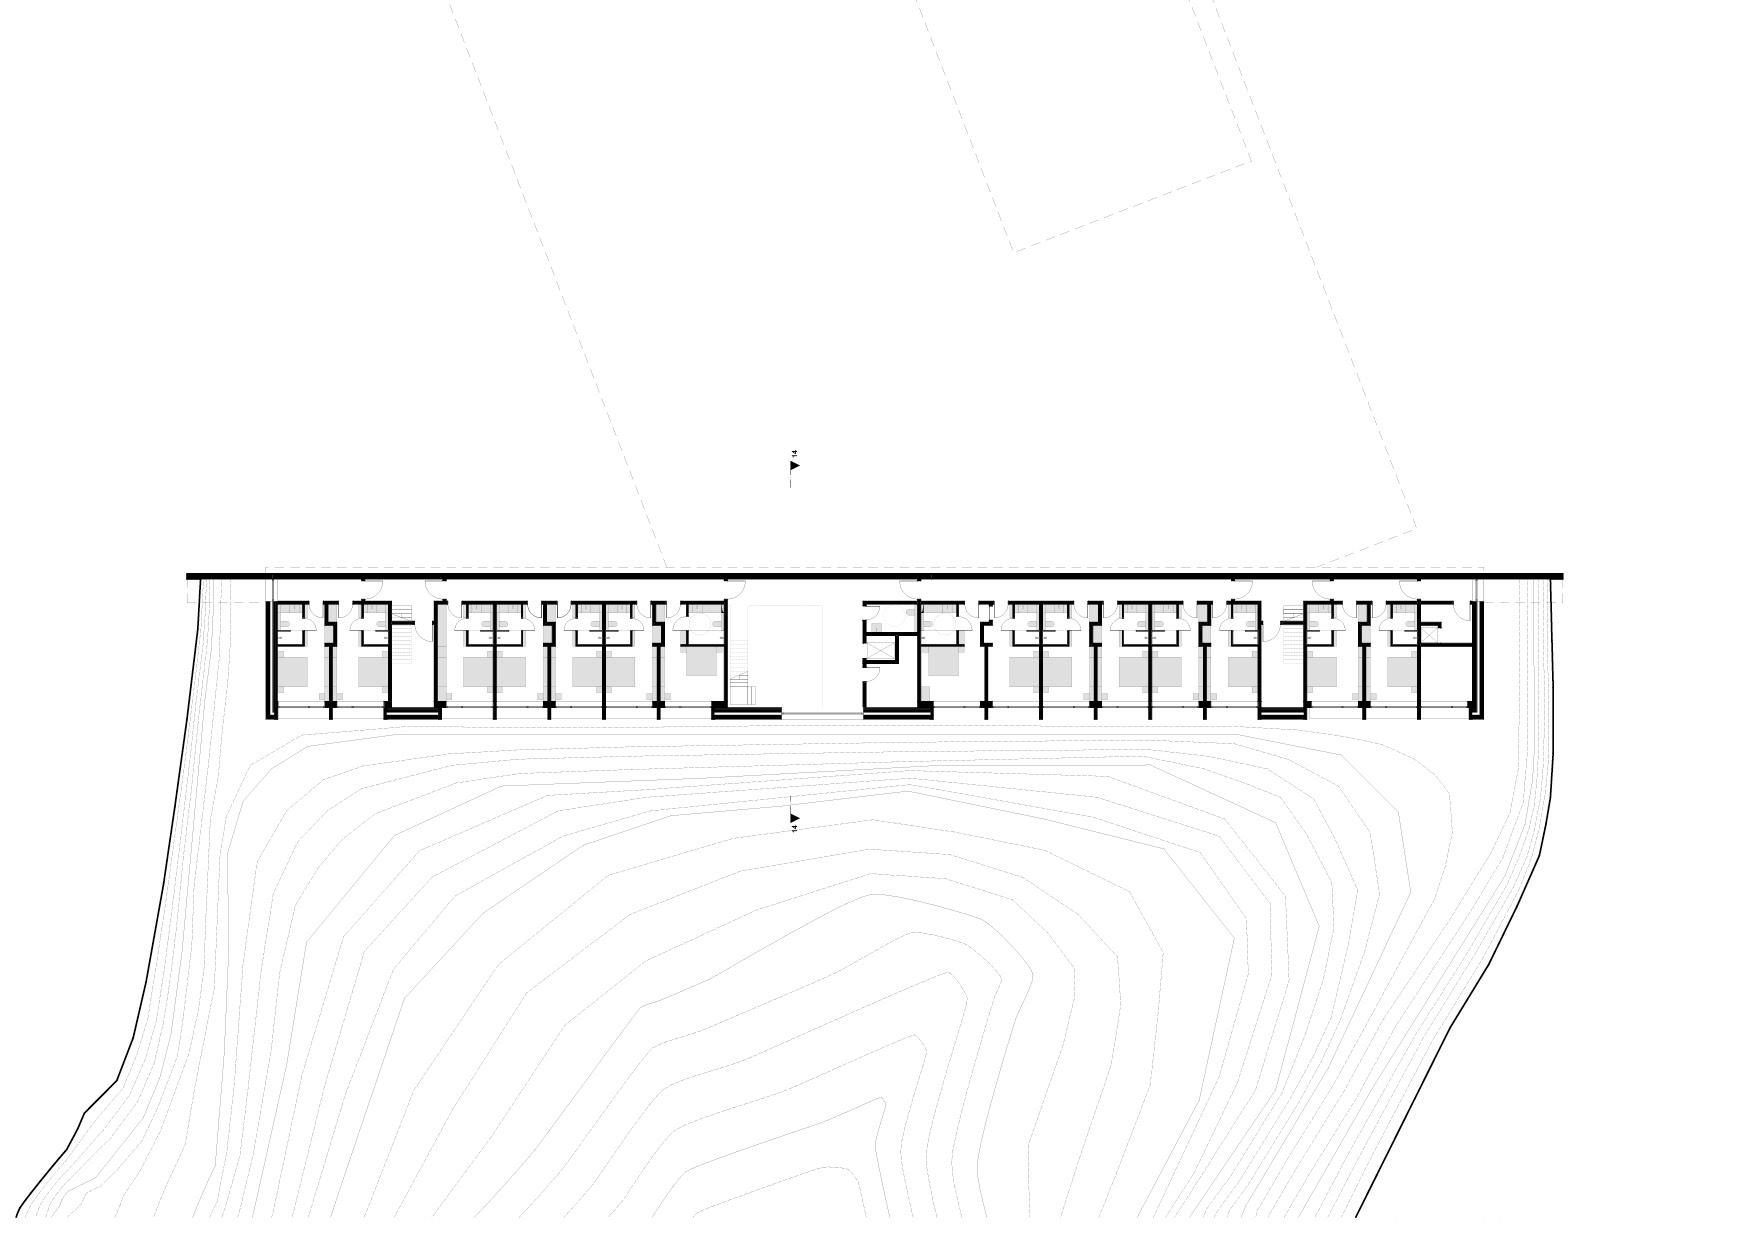 KUBIK Architektur - Studio für Architektur Berlin - architecture - Projekt - Hotel - Untergeschoss